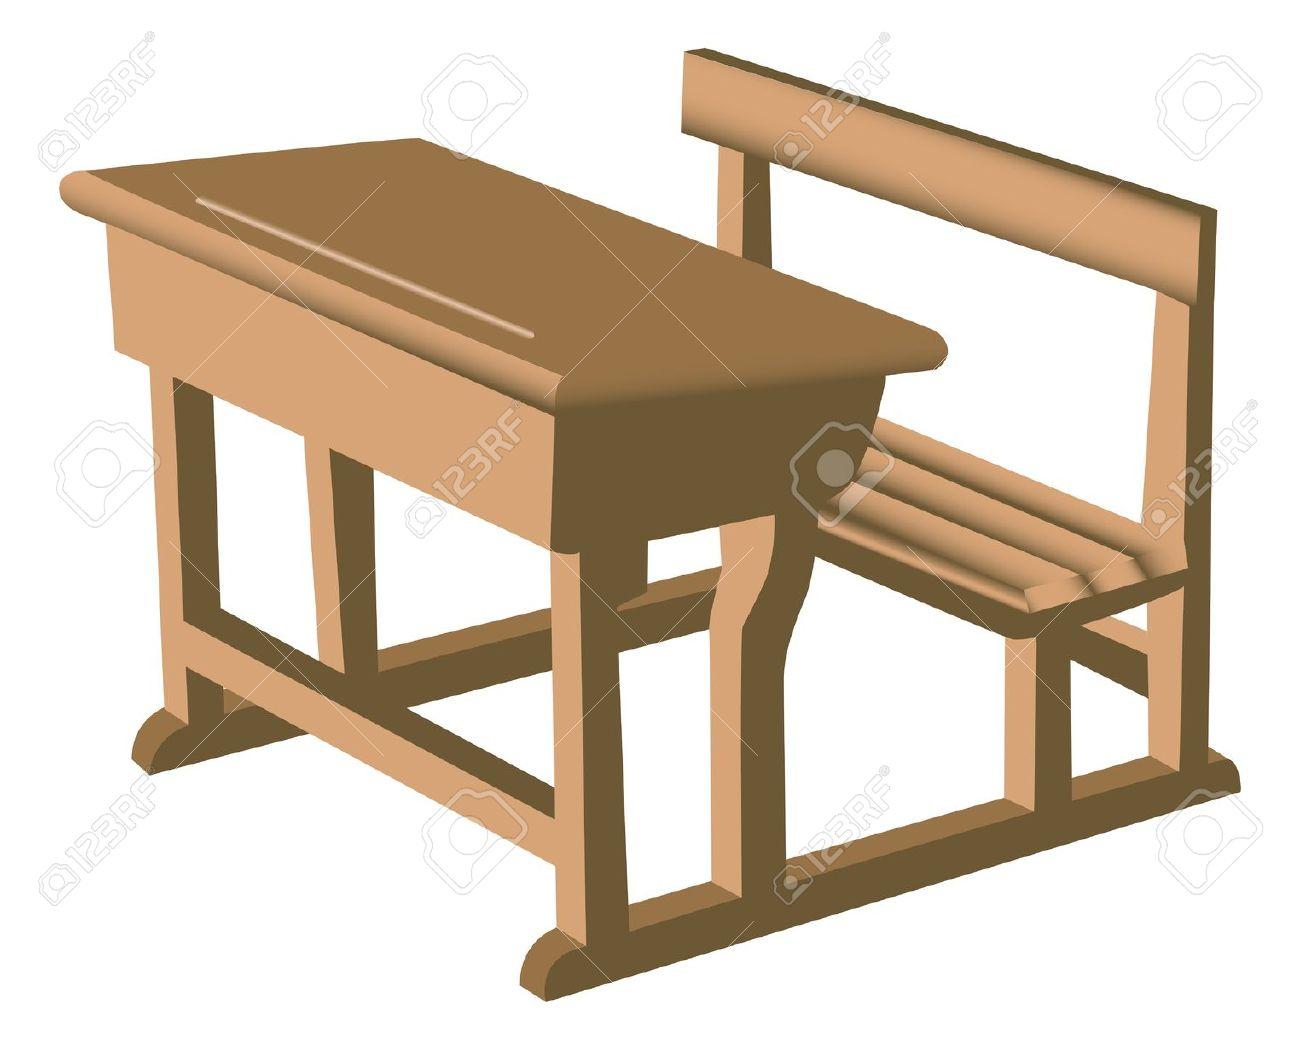 School bench clipart.